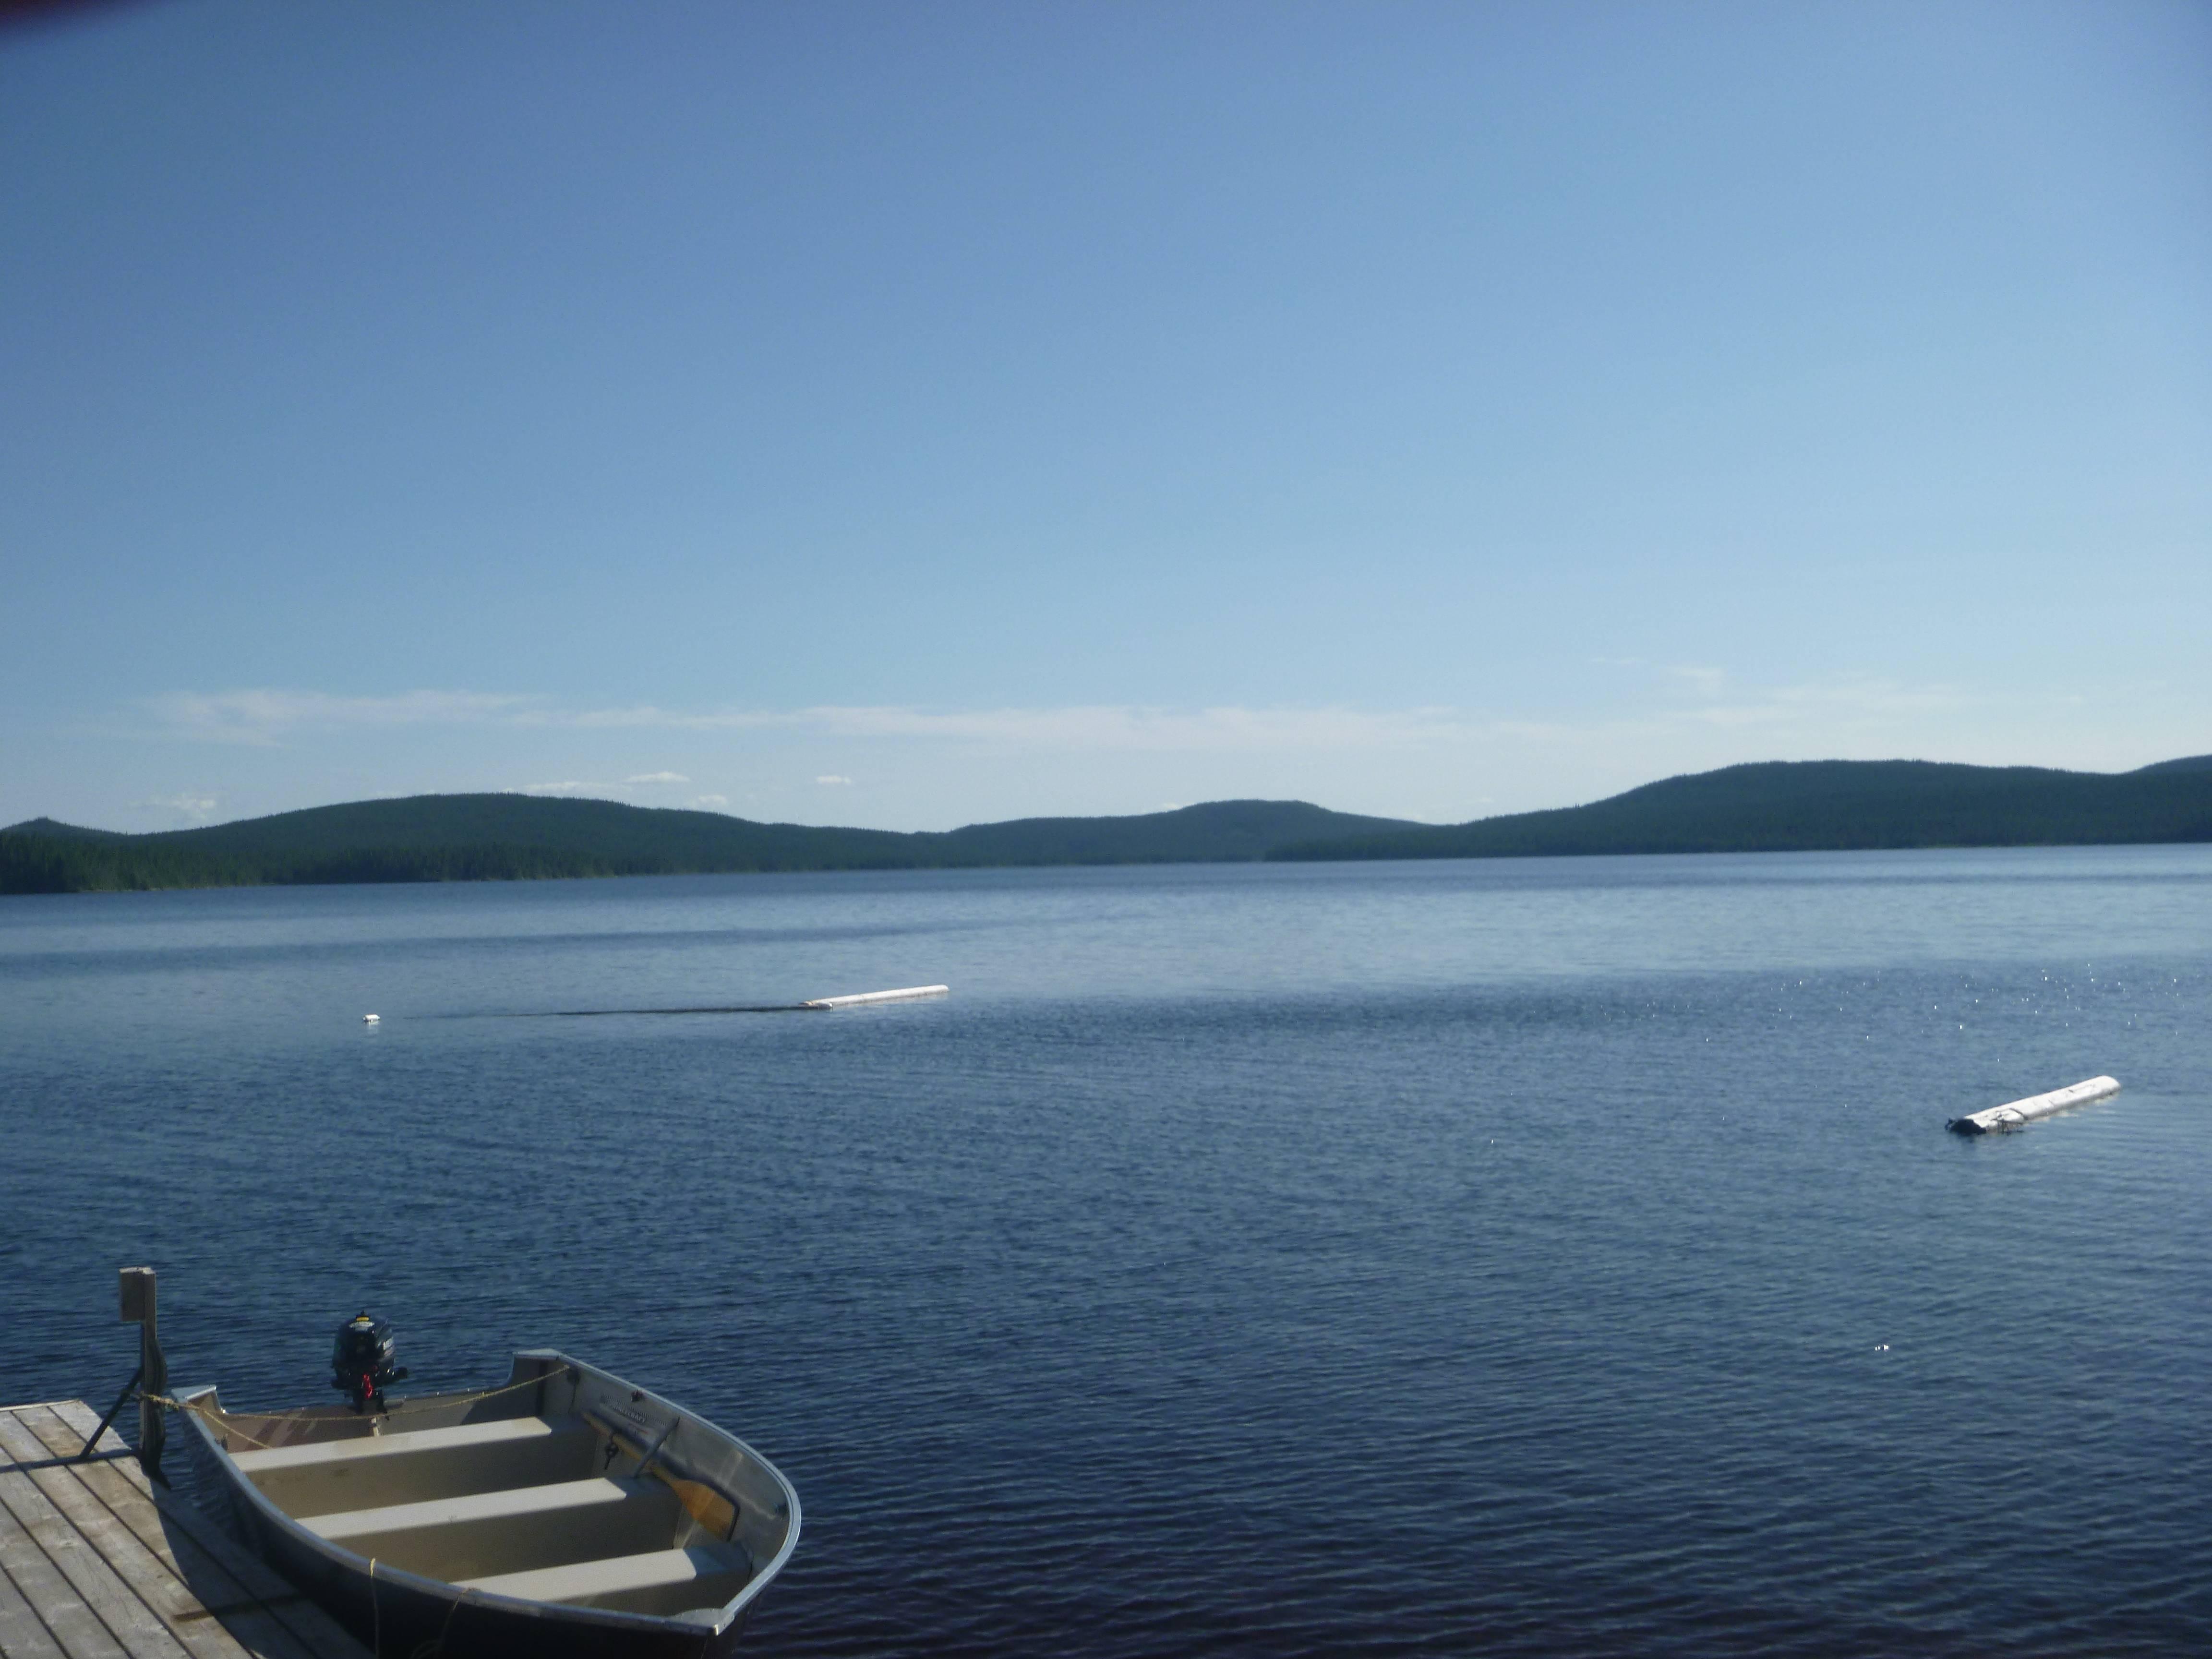 Photo 1: Pêche sur le Lac Pikauba, réserve des Laurentides